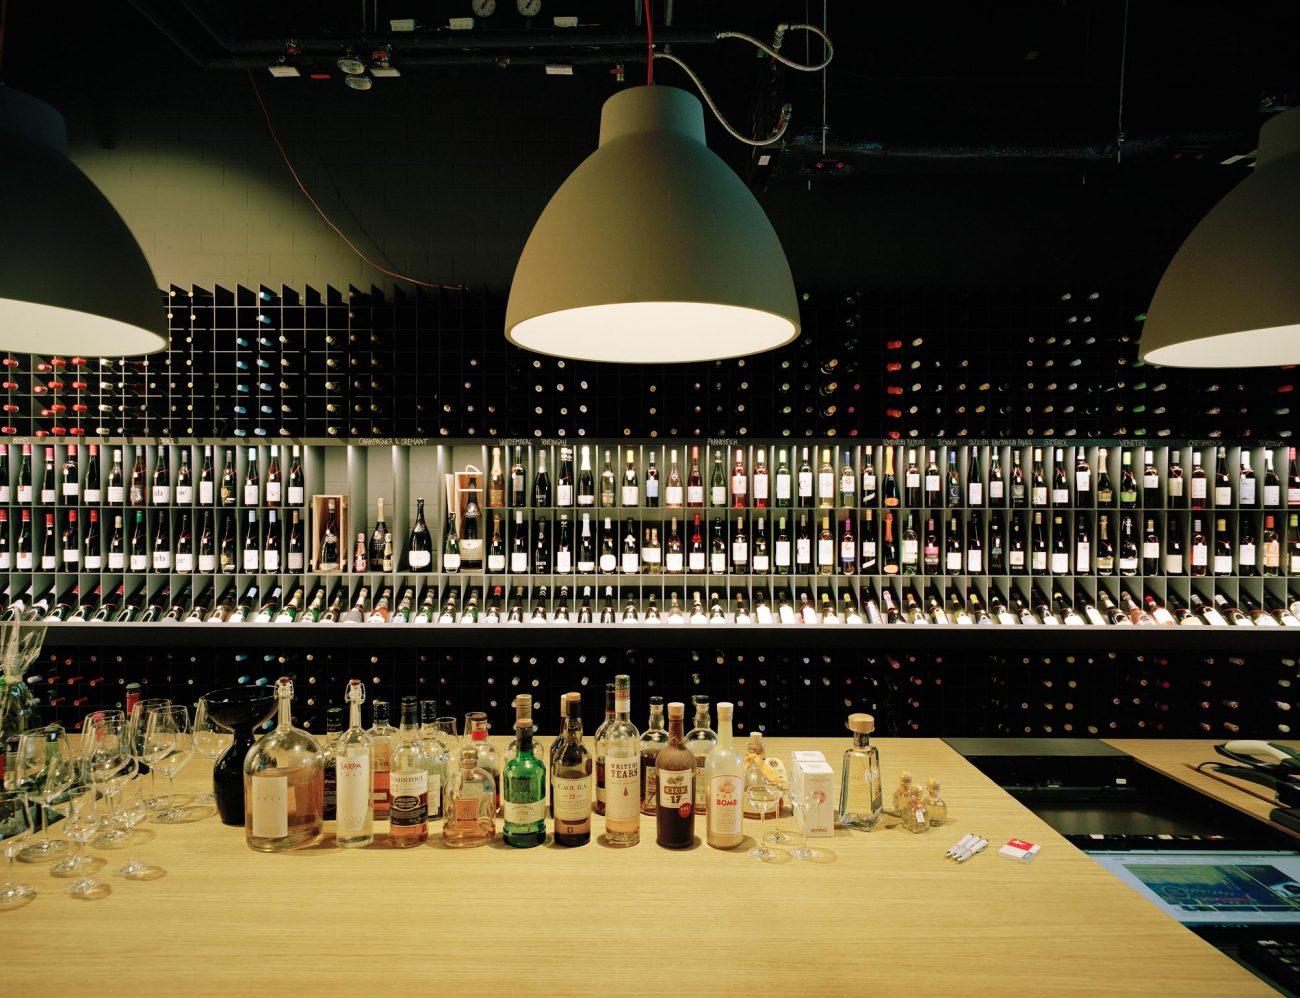 Vinello – Cusati GmbH